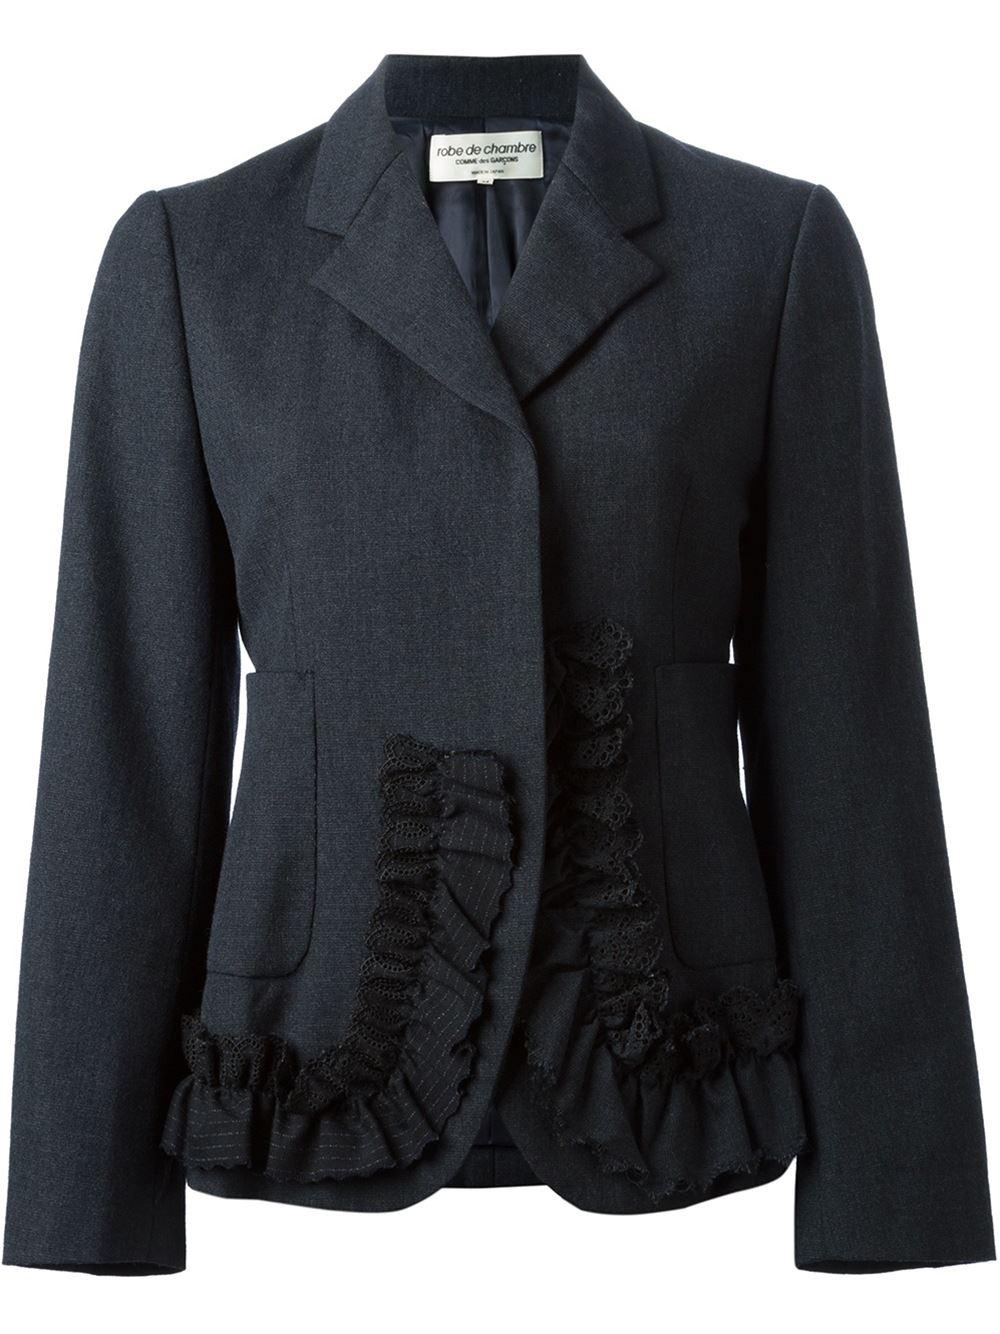 Comme des garons robe De Chambre Jacket in Multicolor grey  Lyst